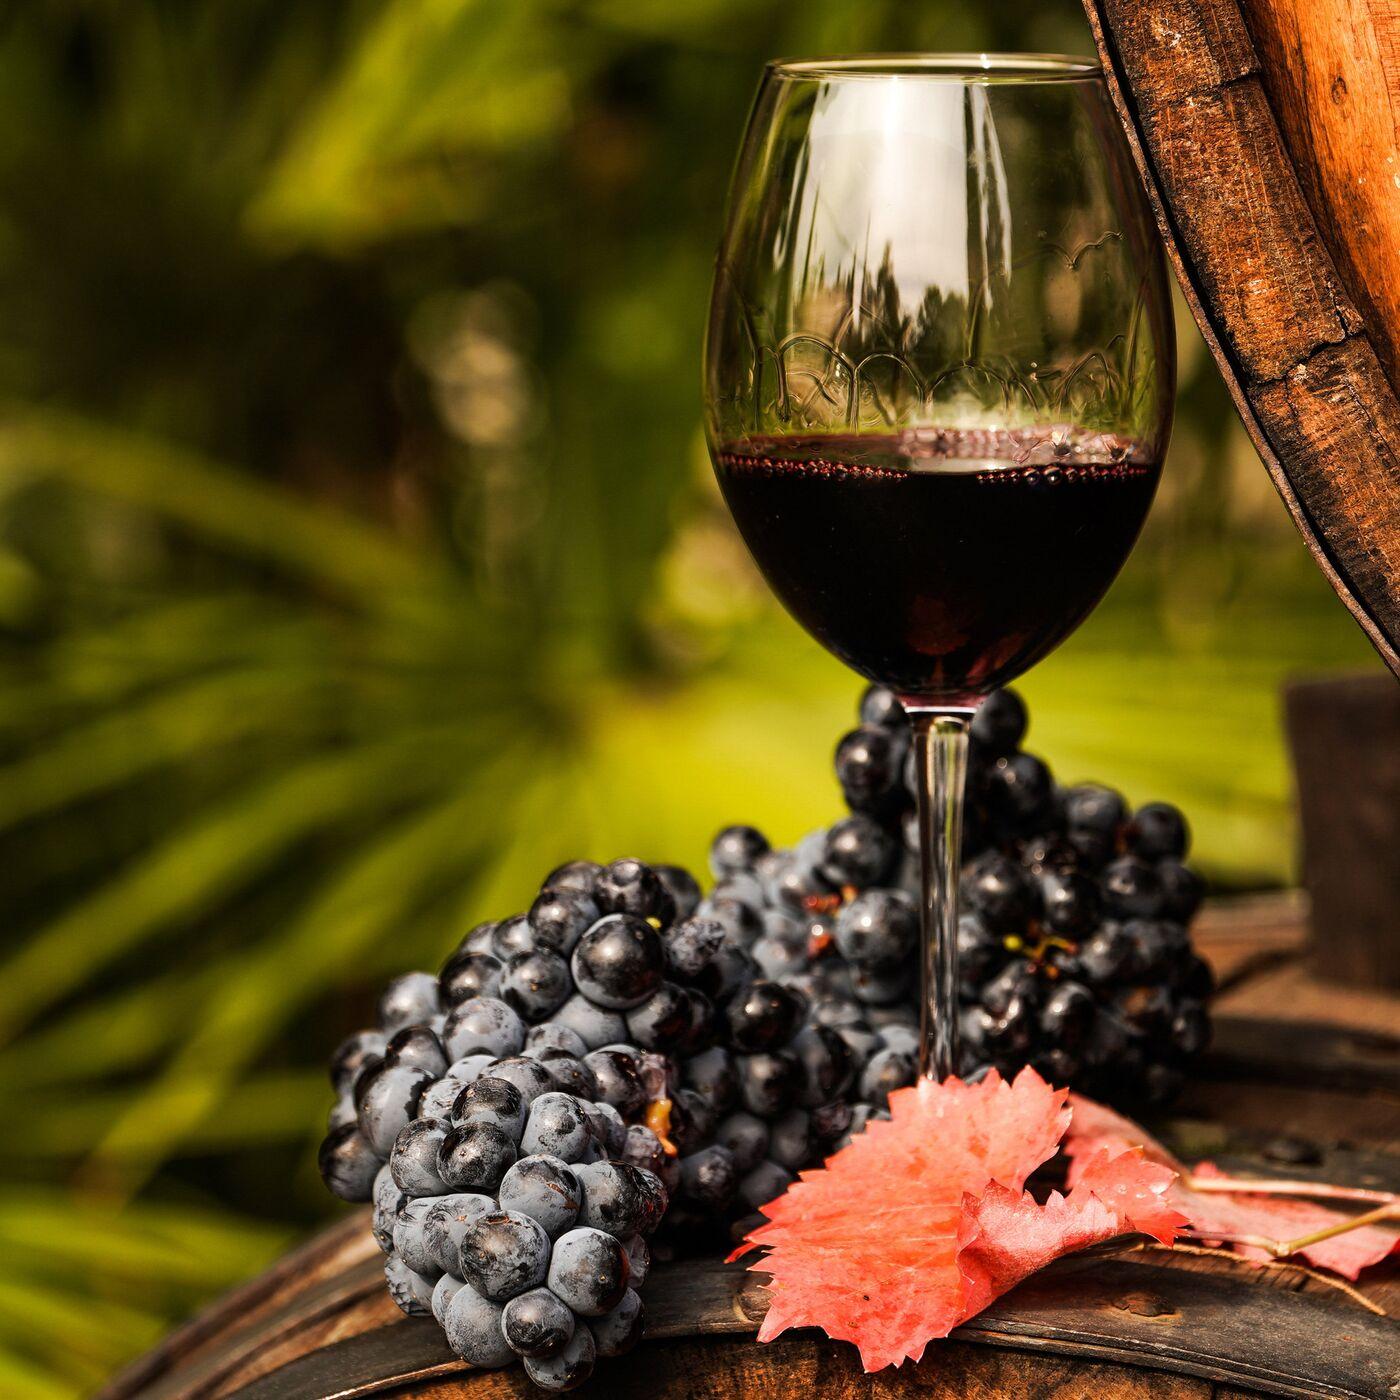 Обои красное, вино, бутылка, виноград, лоза. Разное foto 12